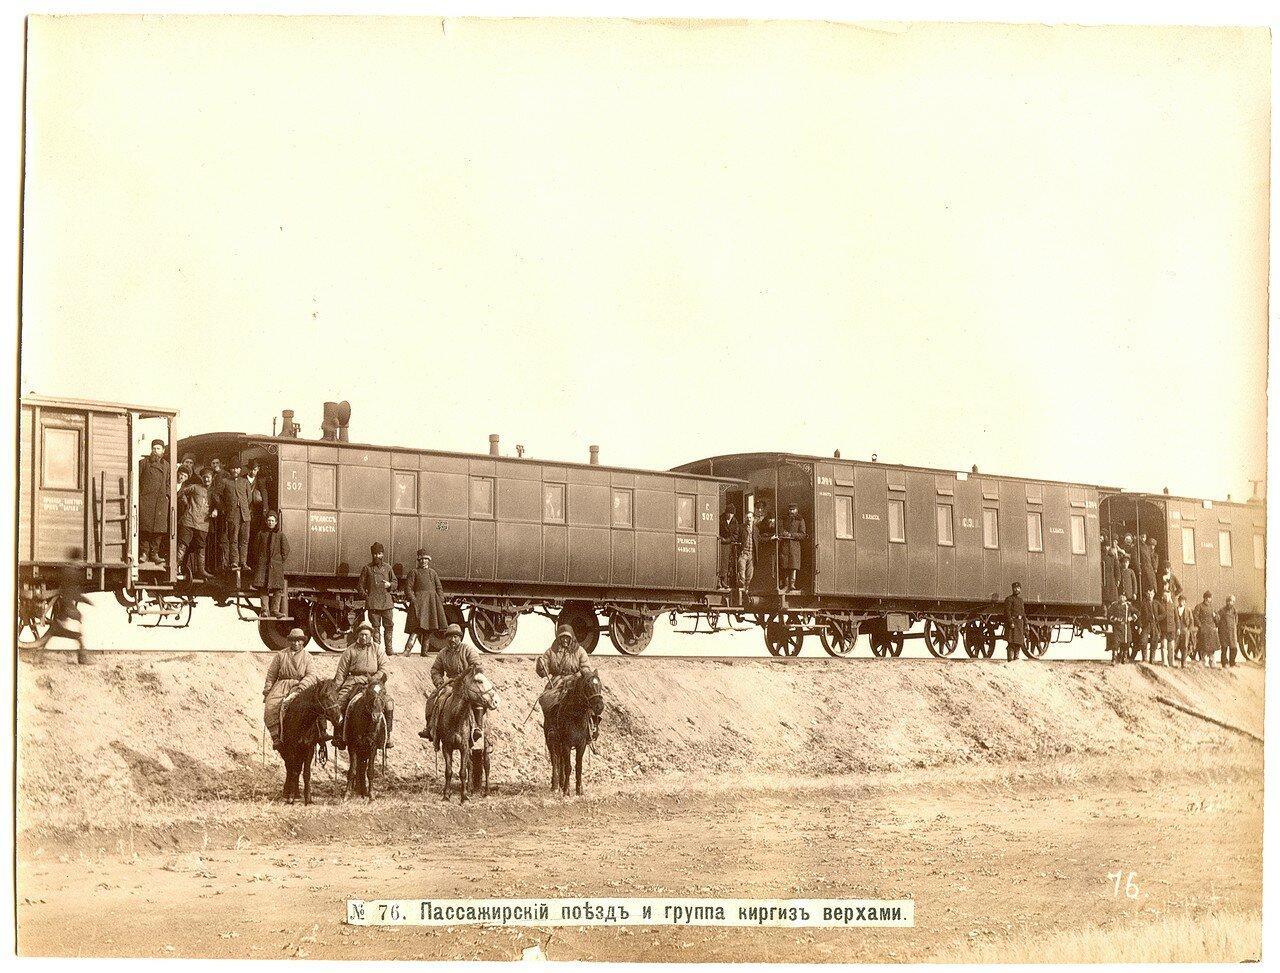 76. Пассажирский поезд и группа киргиз верхом